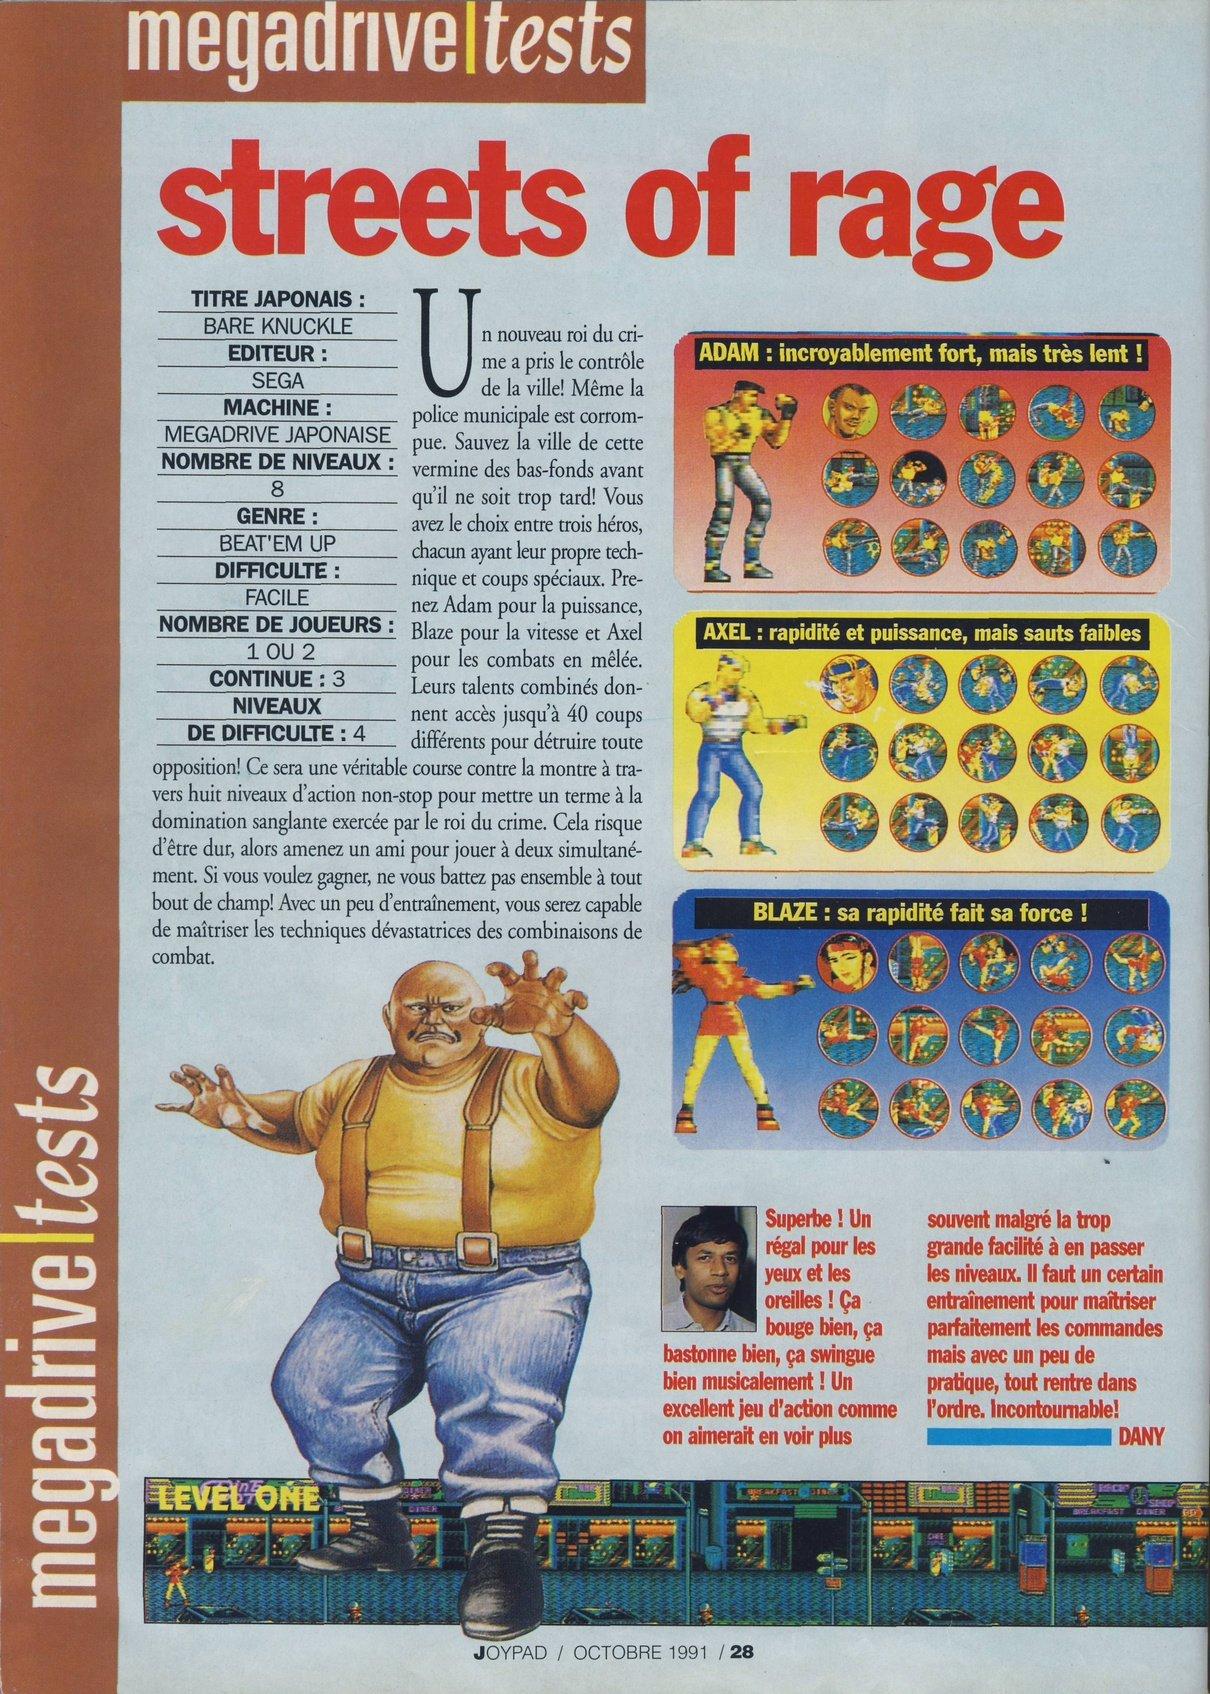 MEGADRIVE vs SUPER NINTENDO : Fight ! - Page 27 Joypad%20001%20-%20Page%20028%20%281991-10%29